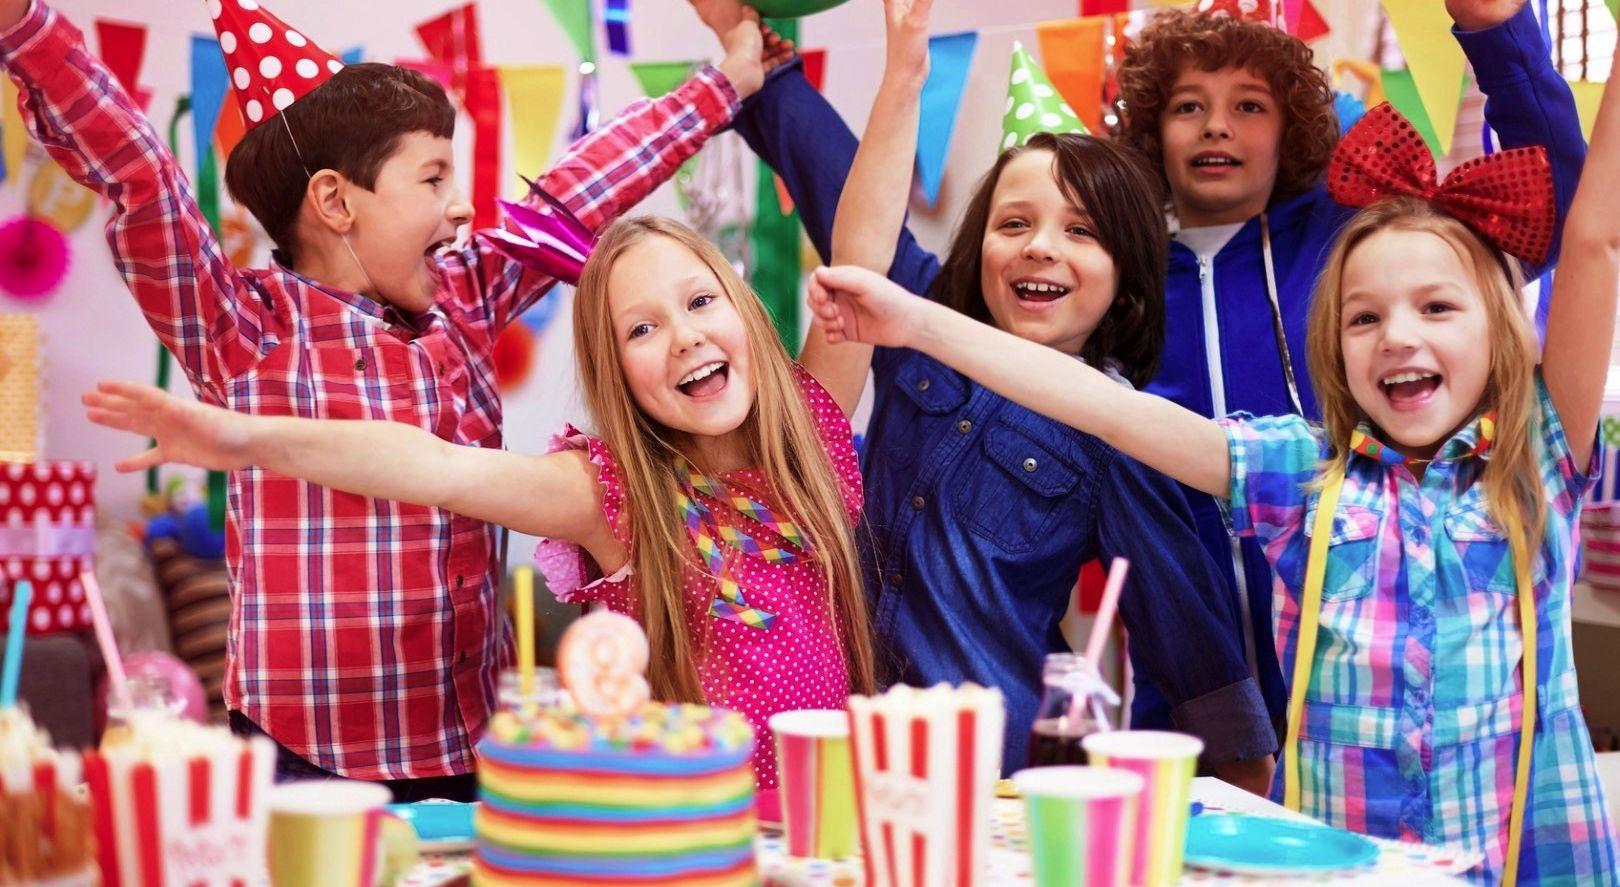 Festa A Sorpresa Di Compleanno bambini e feste di compleanno al chiuso: idee e spunti - tgcom24